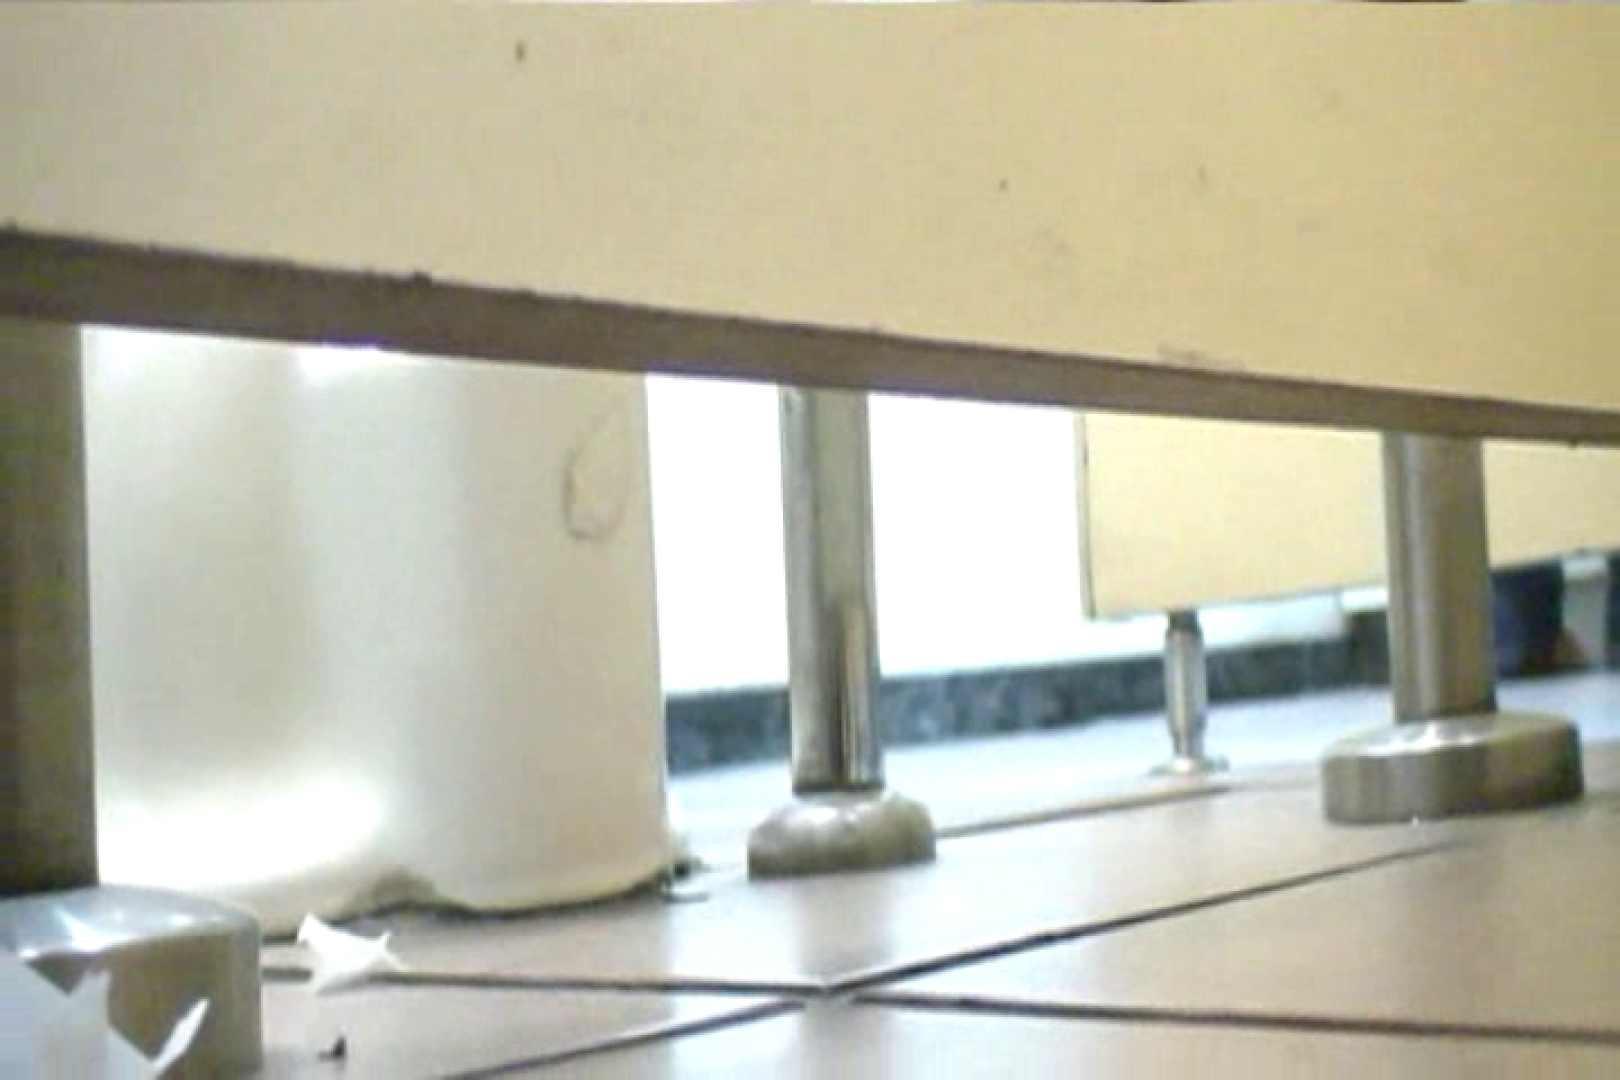 マンコ丸見え女子洗面所Vol.20 無修正マンコ 盗撮オメコ無修正動画無料 95PICs 66